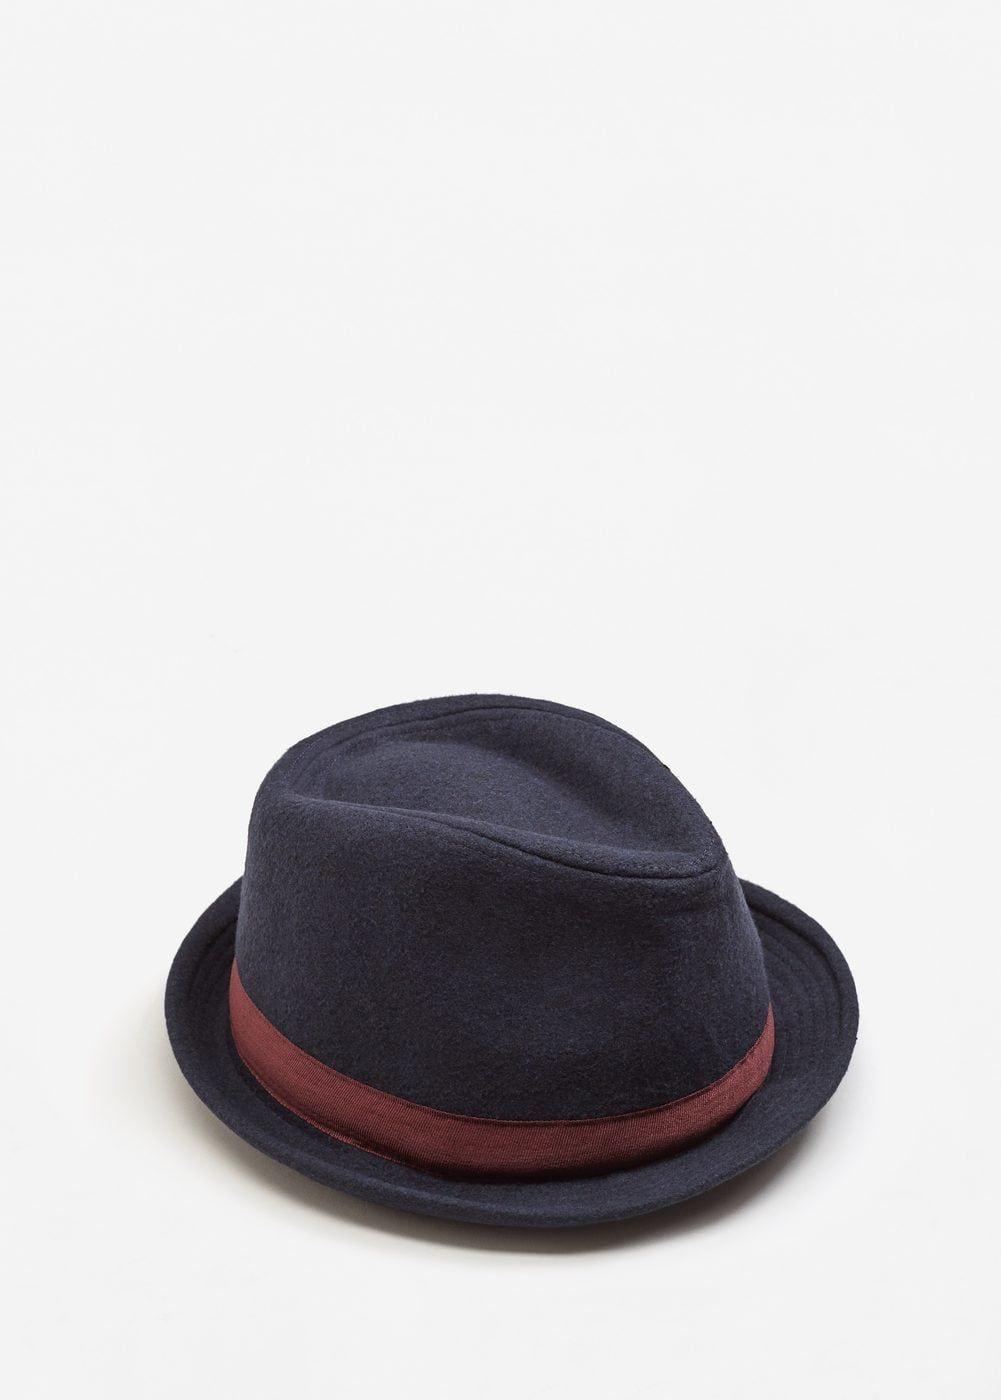 04f435768765 Sombrero fedora cinta contraste - Hombre | Chapeau | Sombreros ...